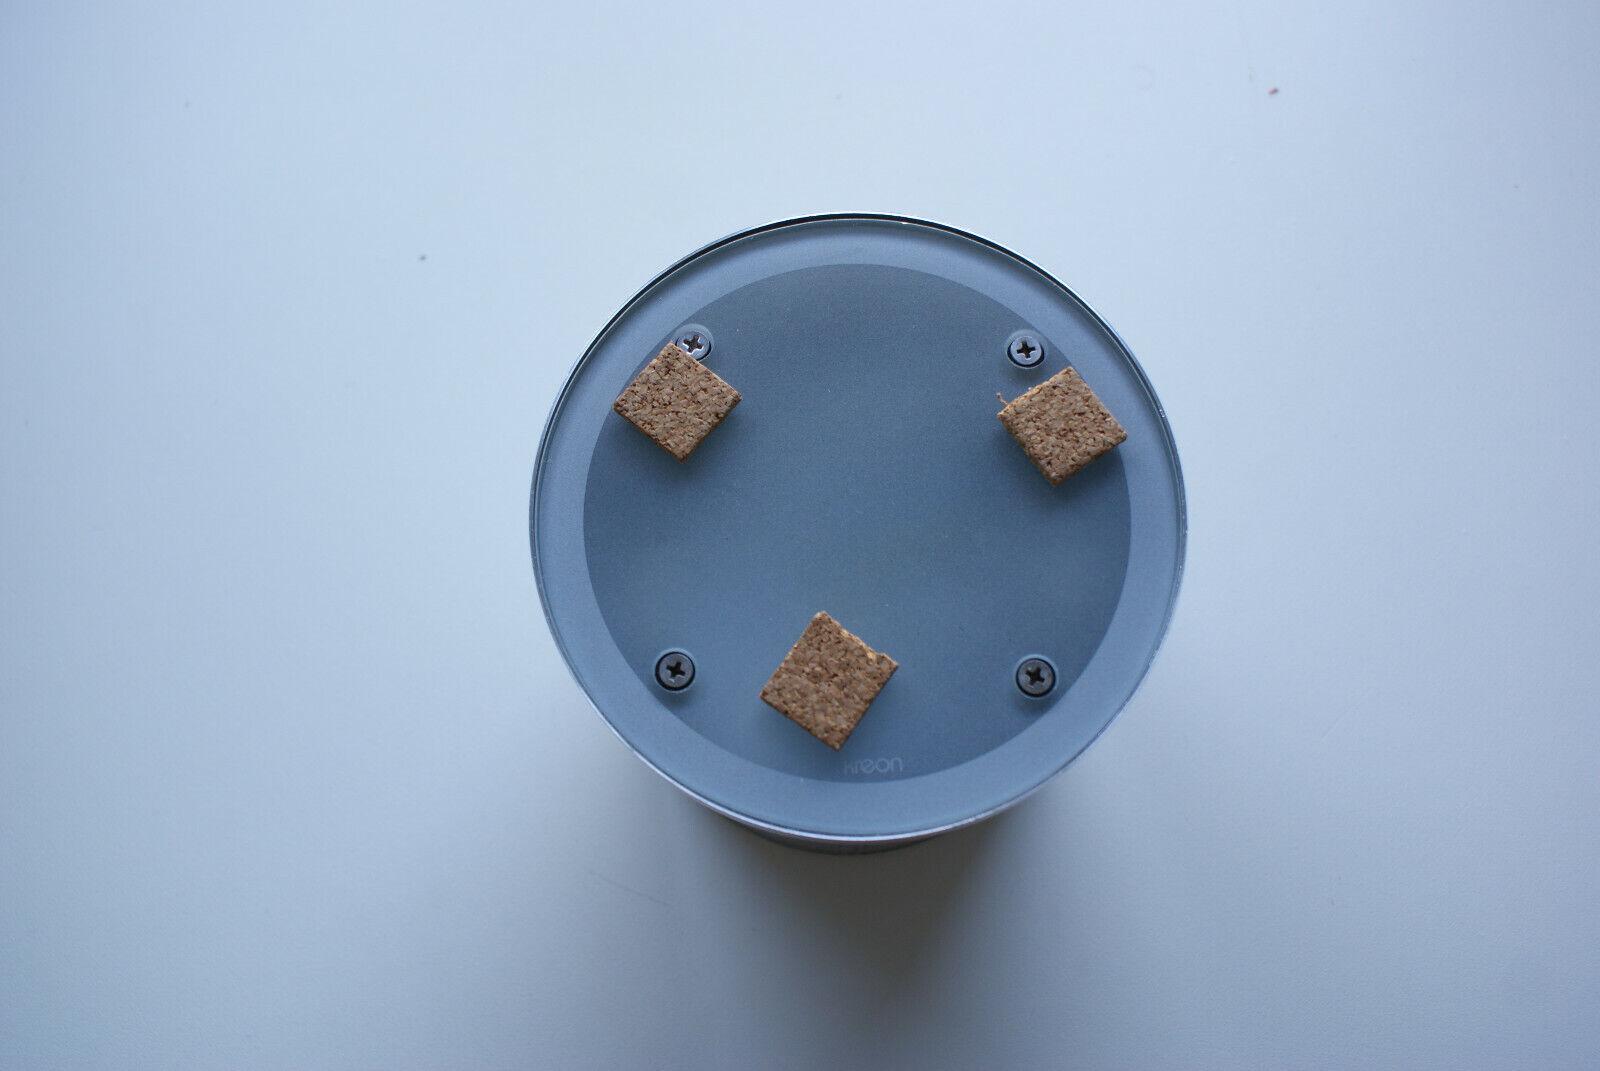 Kreon Lampe In Side Out Design Leuchte Bodeneinbauleuchte Bodenleuchte